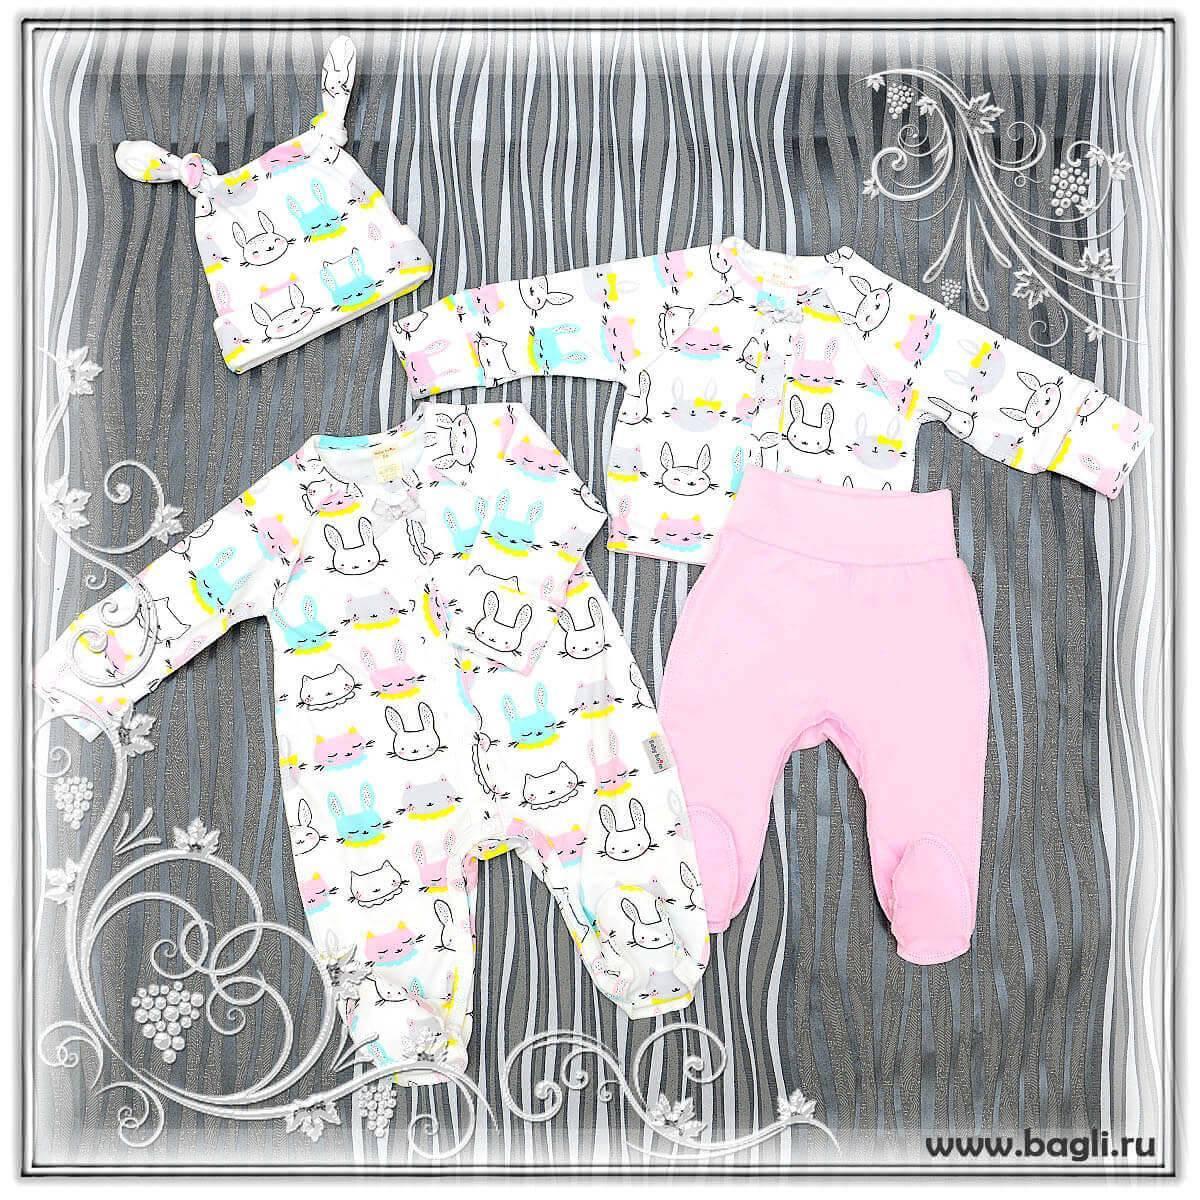 Что такое слип, и с чем его едят - комбинезон слип для новорожденных - стр. 1 - запись пользователя алиса (f0xygen) в сообществе образ жизни беременной в категории приданое для малыша - babyblog.ru